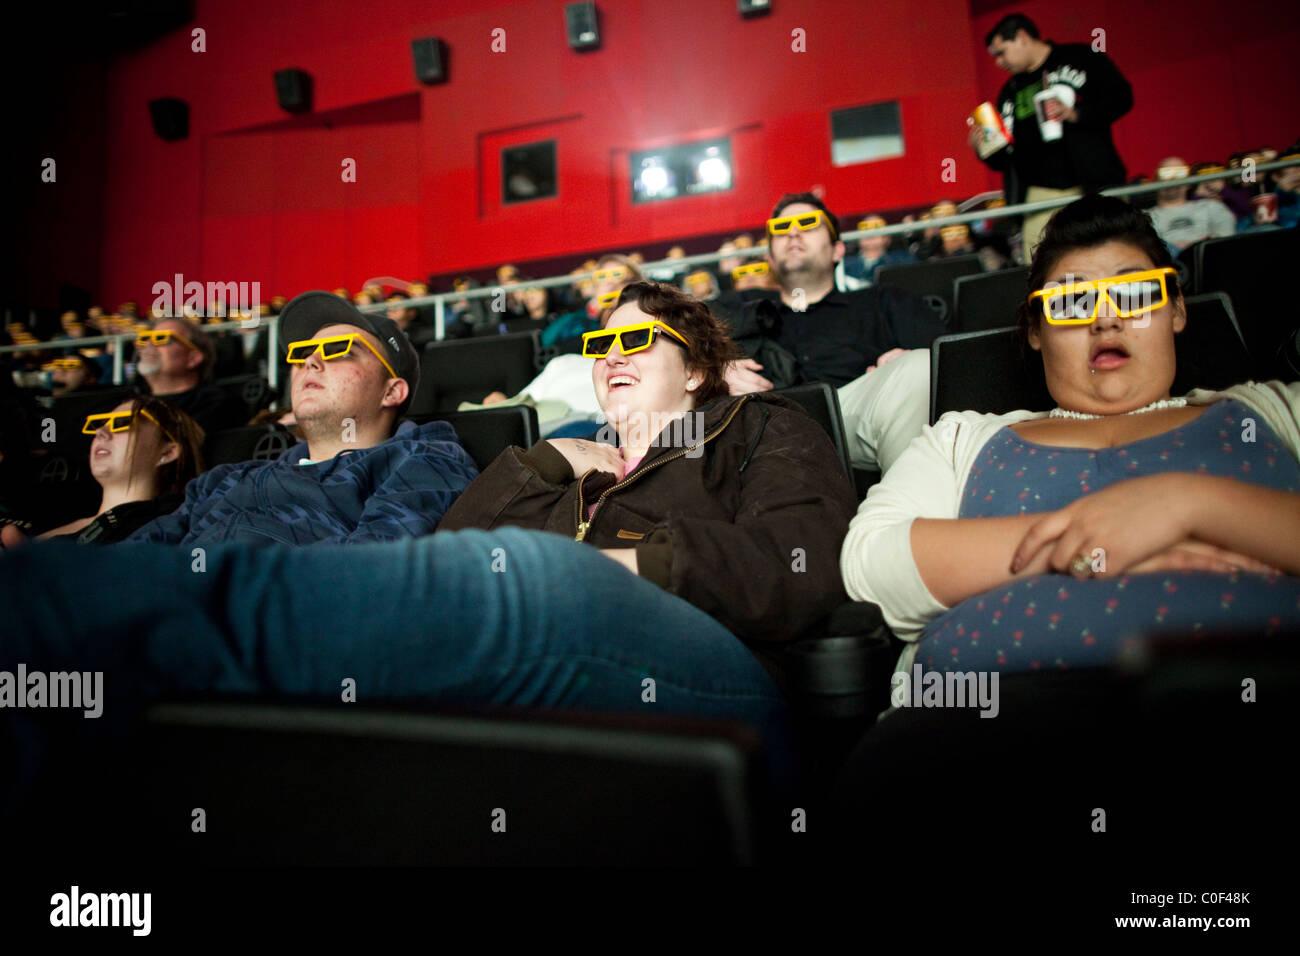 Edwards Fresno Stadium 22 & IMAX, Fresno, California, Stati Uniti. Gli adolescenti obesi guarda la versione Immagini Stock